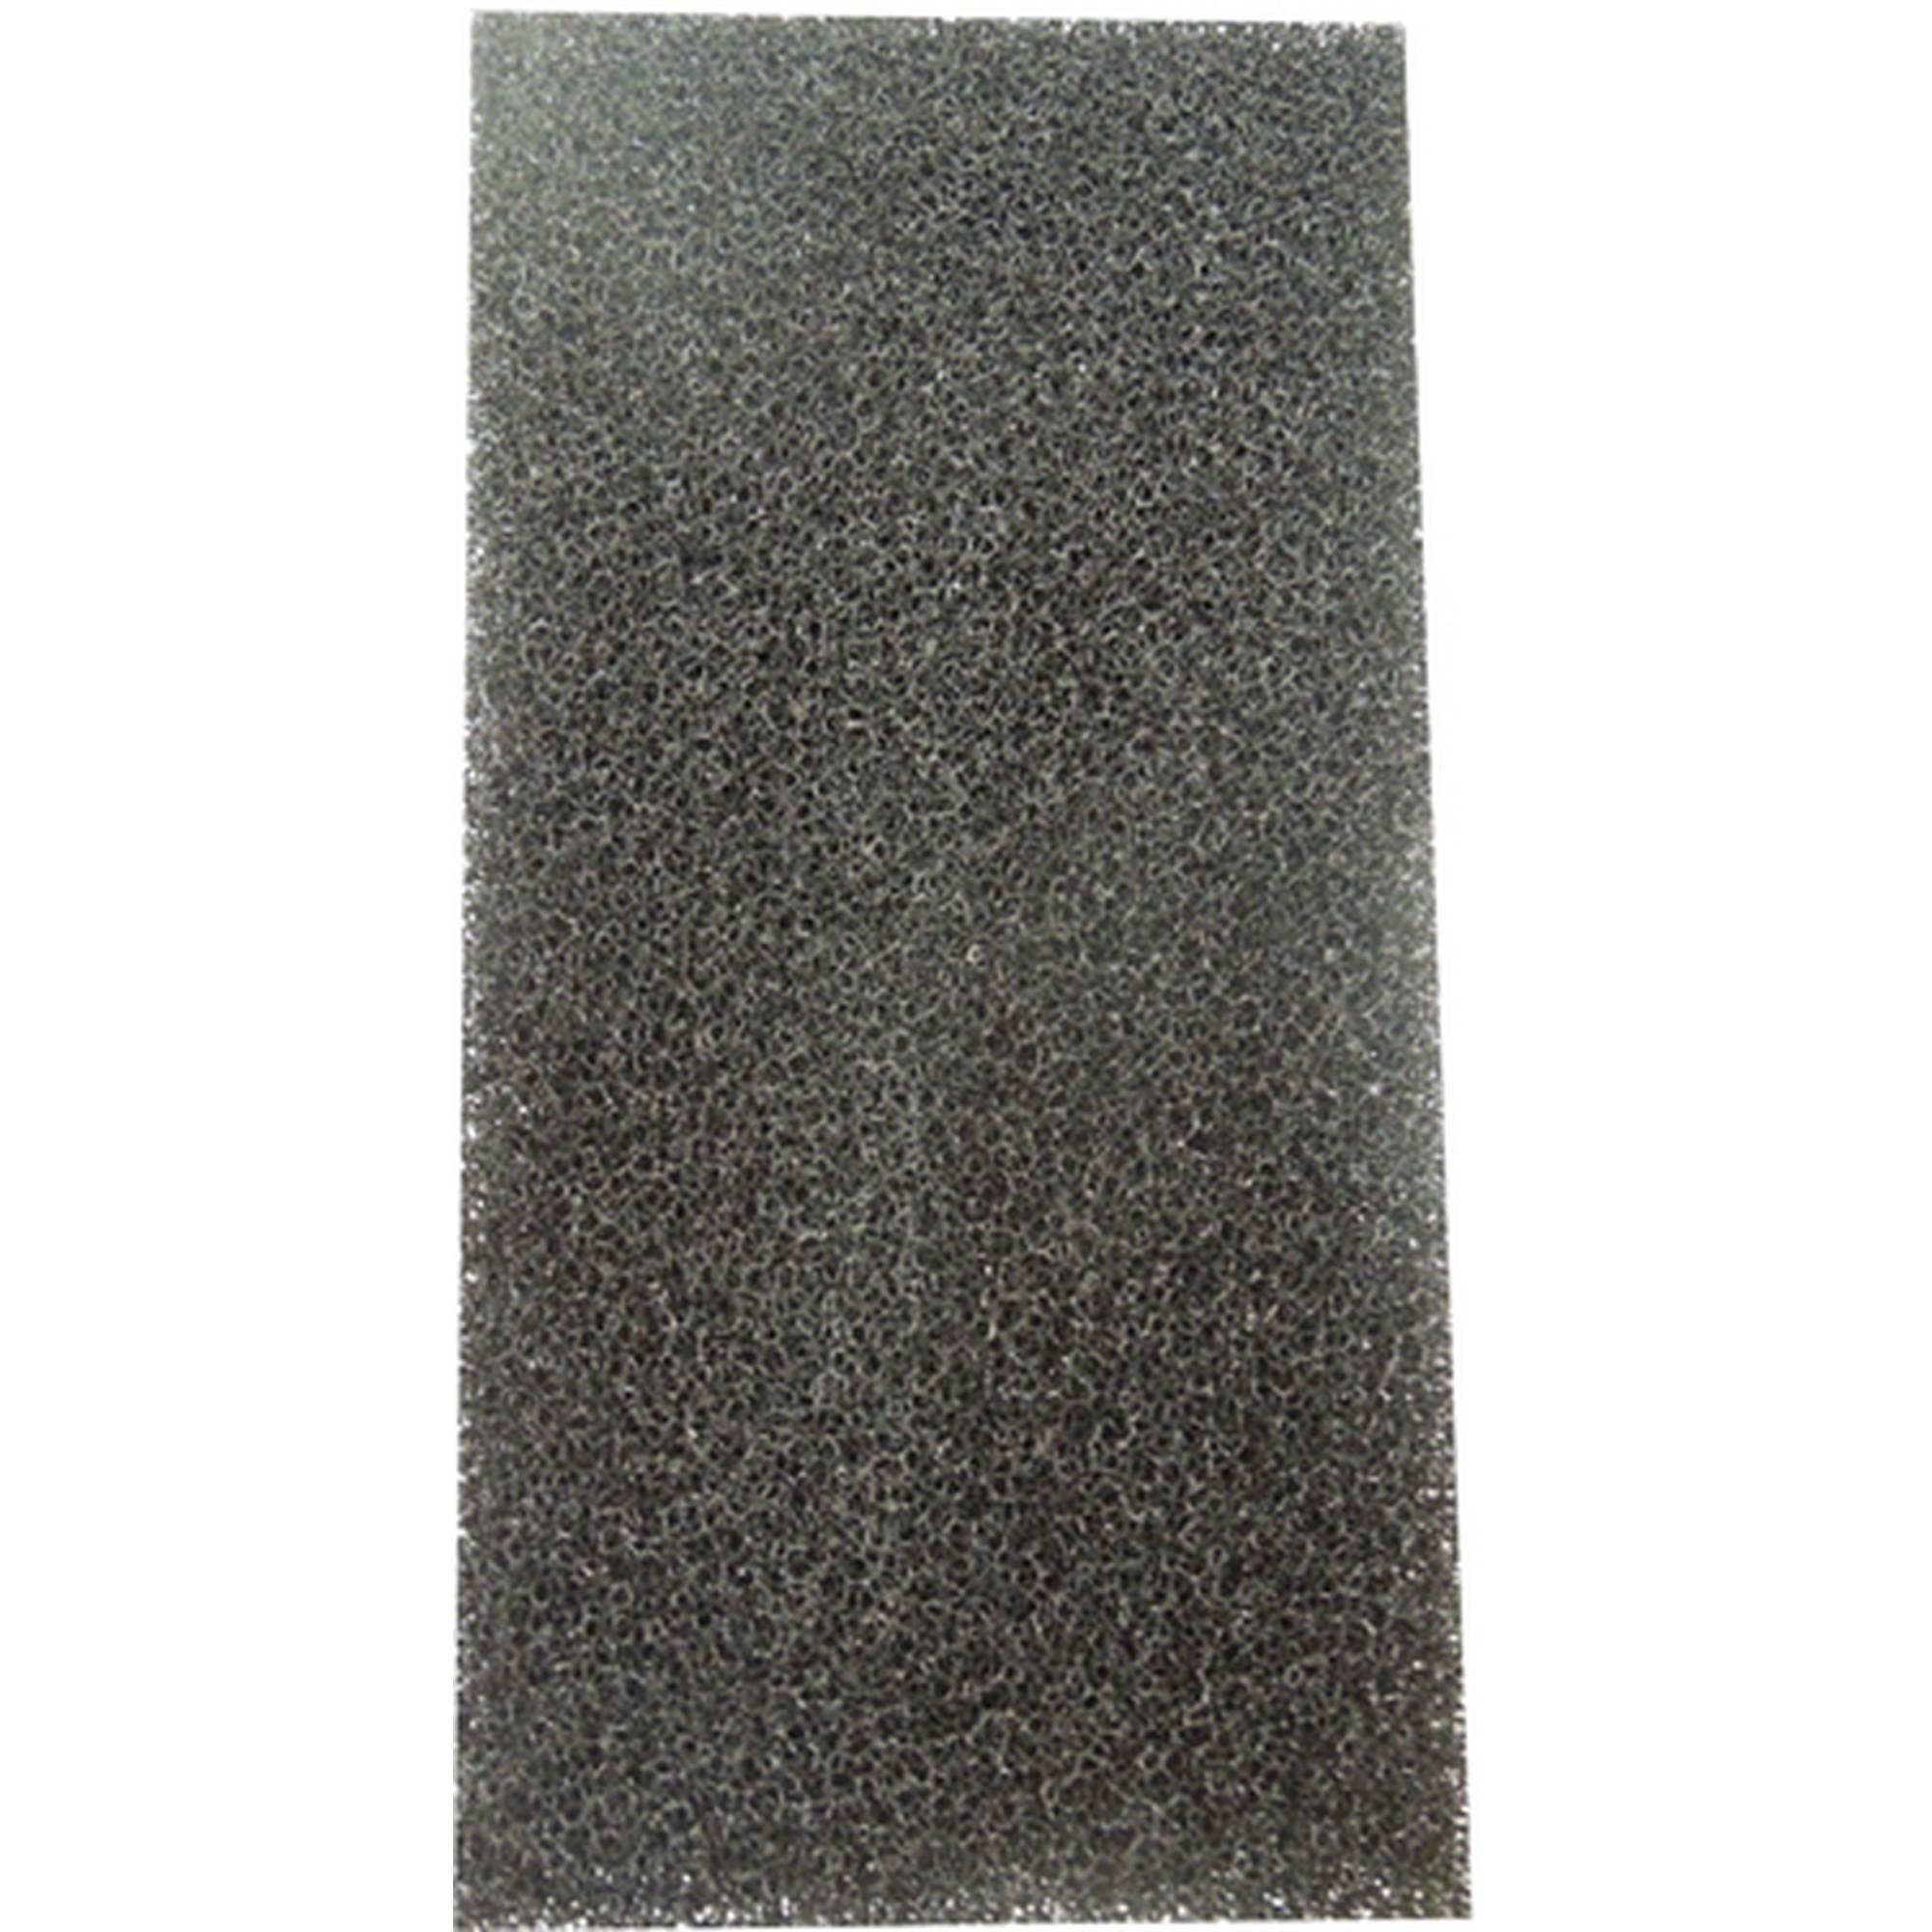 FPU16000,FPU25000/Filterschwamm